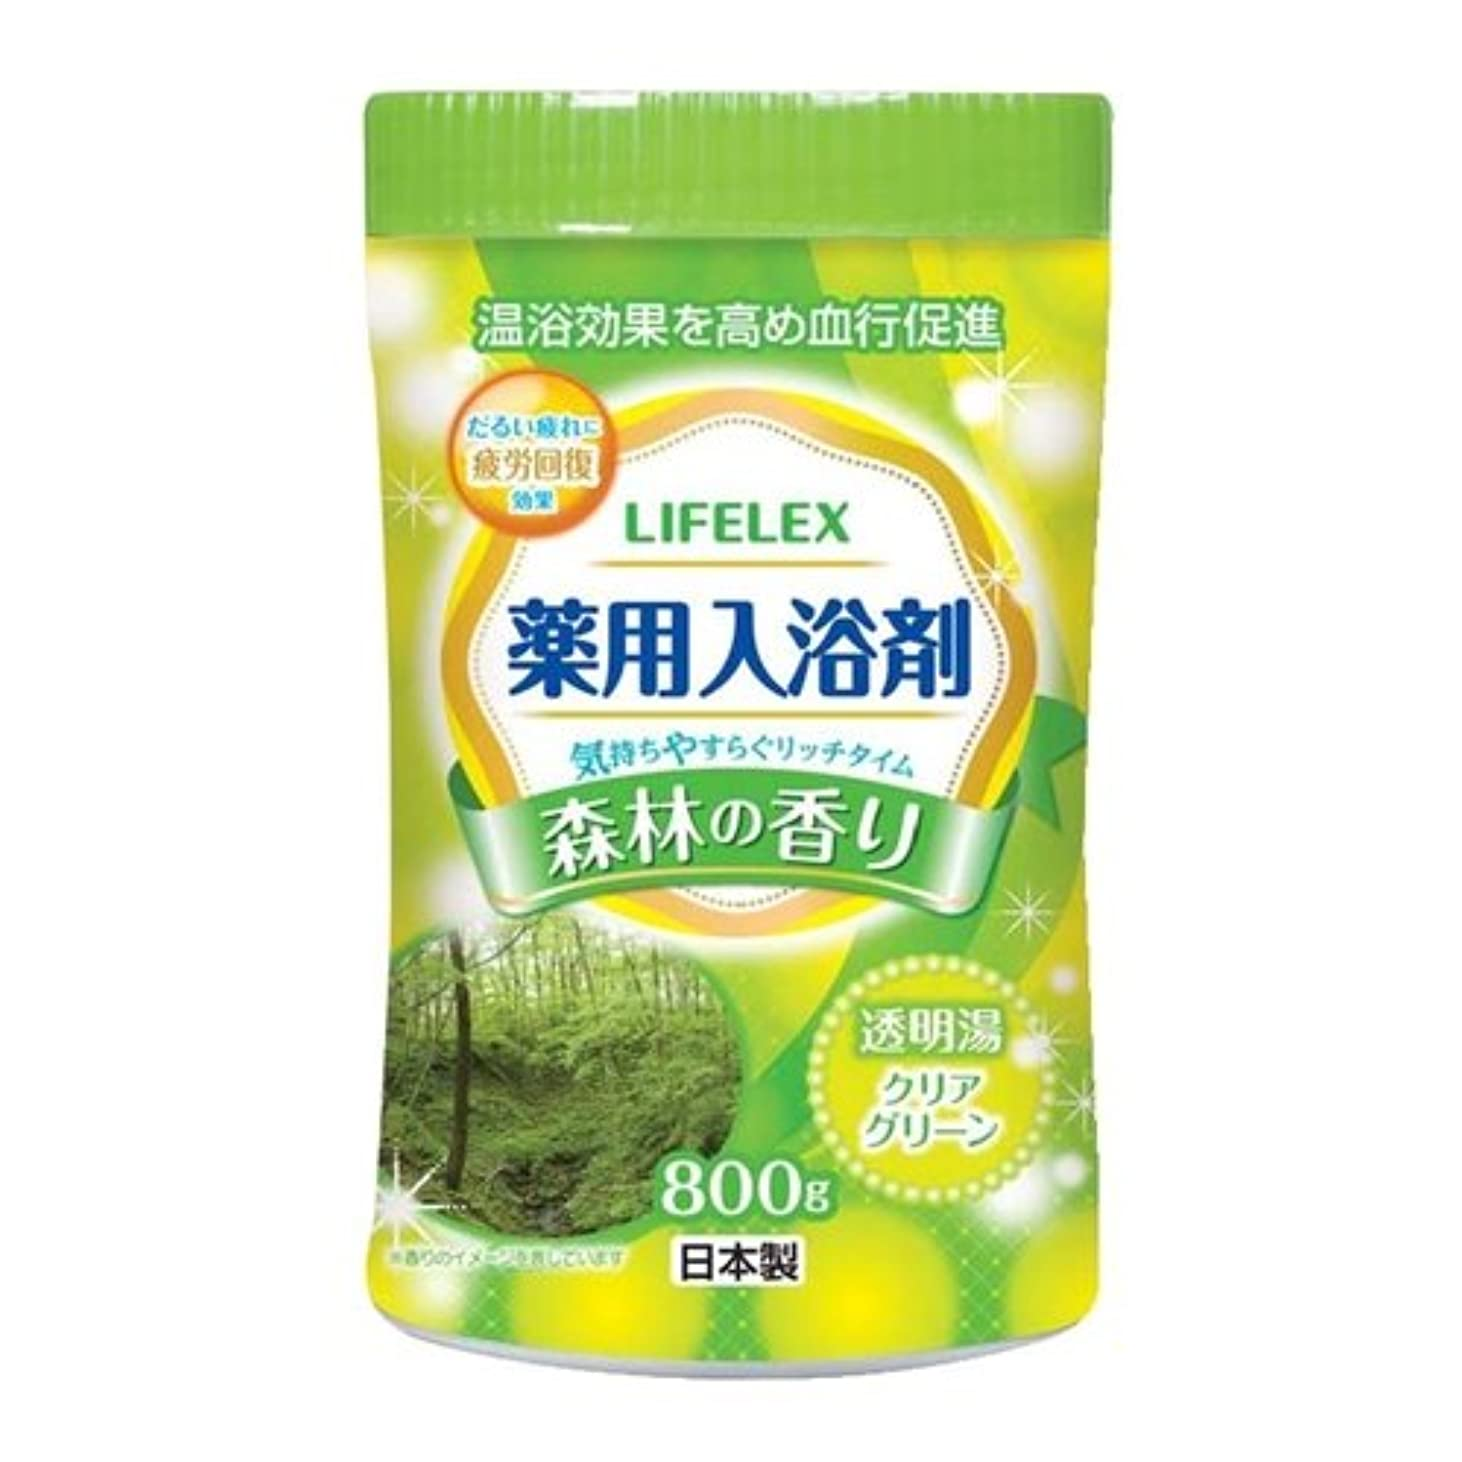 申請中要旨のヒープコーナンオリジナル 薬用入浴剤 森林の香り 800g